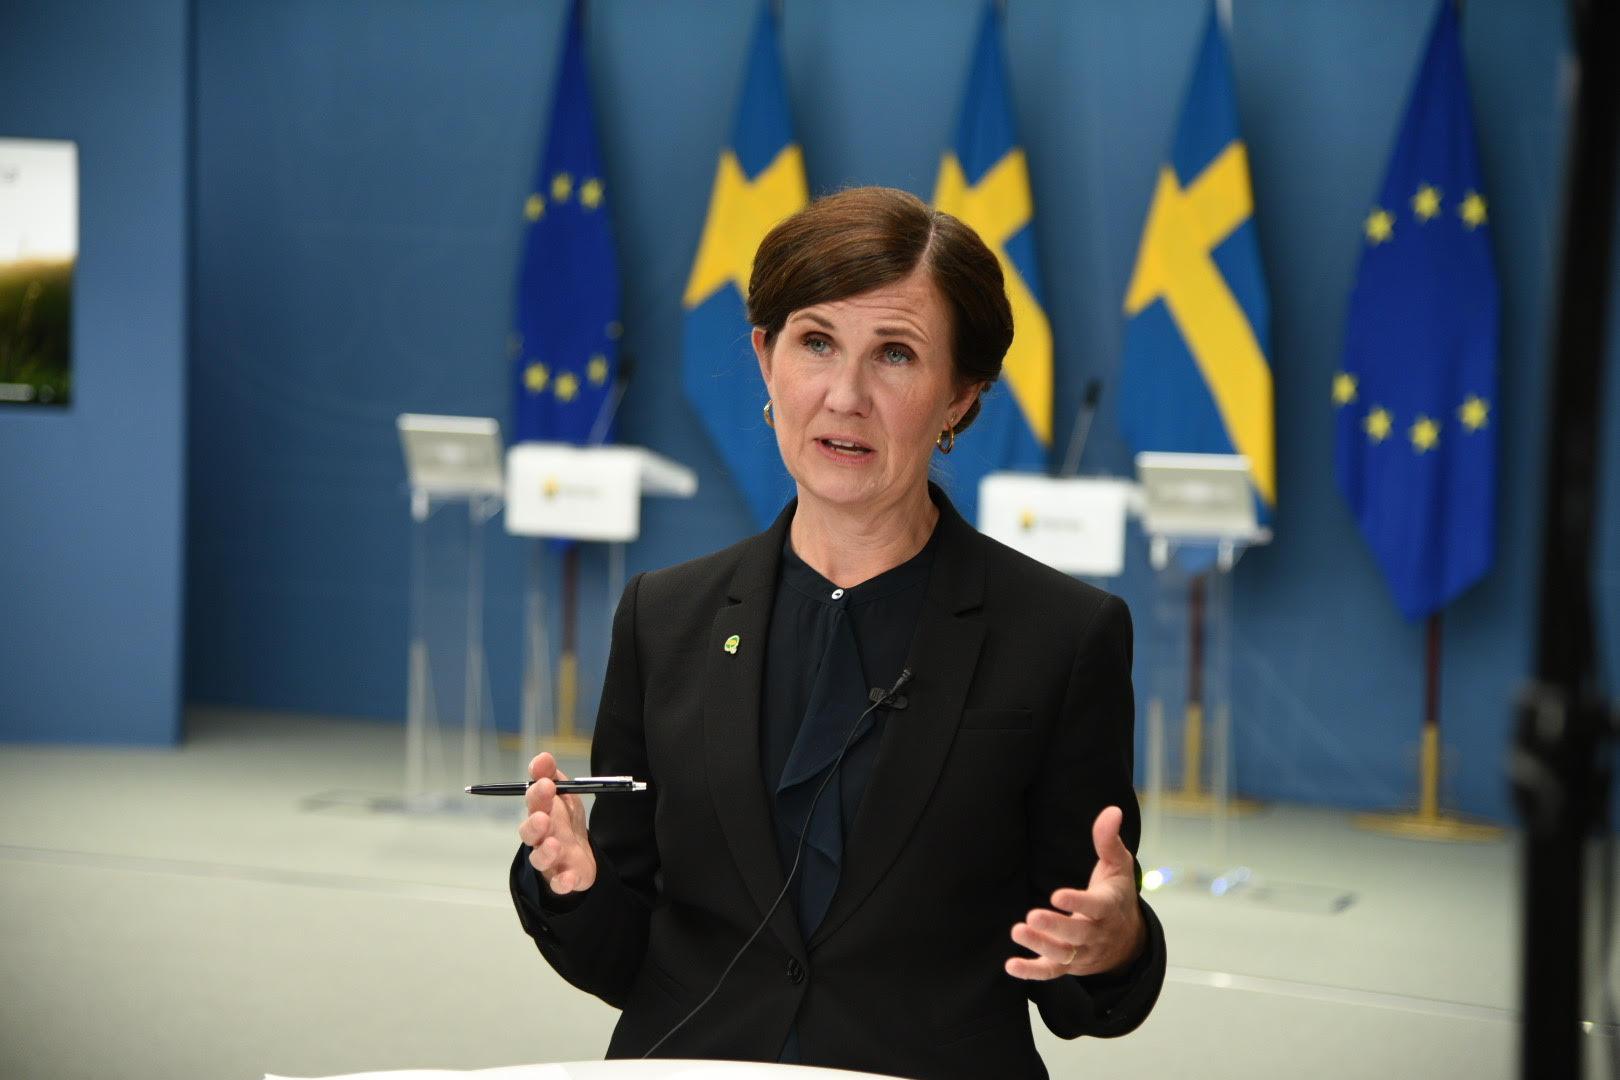 Jämställdhets- och bostadsminister Märta Stenevi (MP) presenterar satsningar på klimat och miljö i budgeten för 2022.